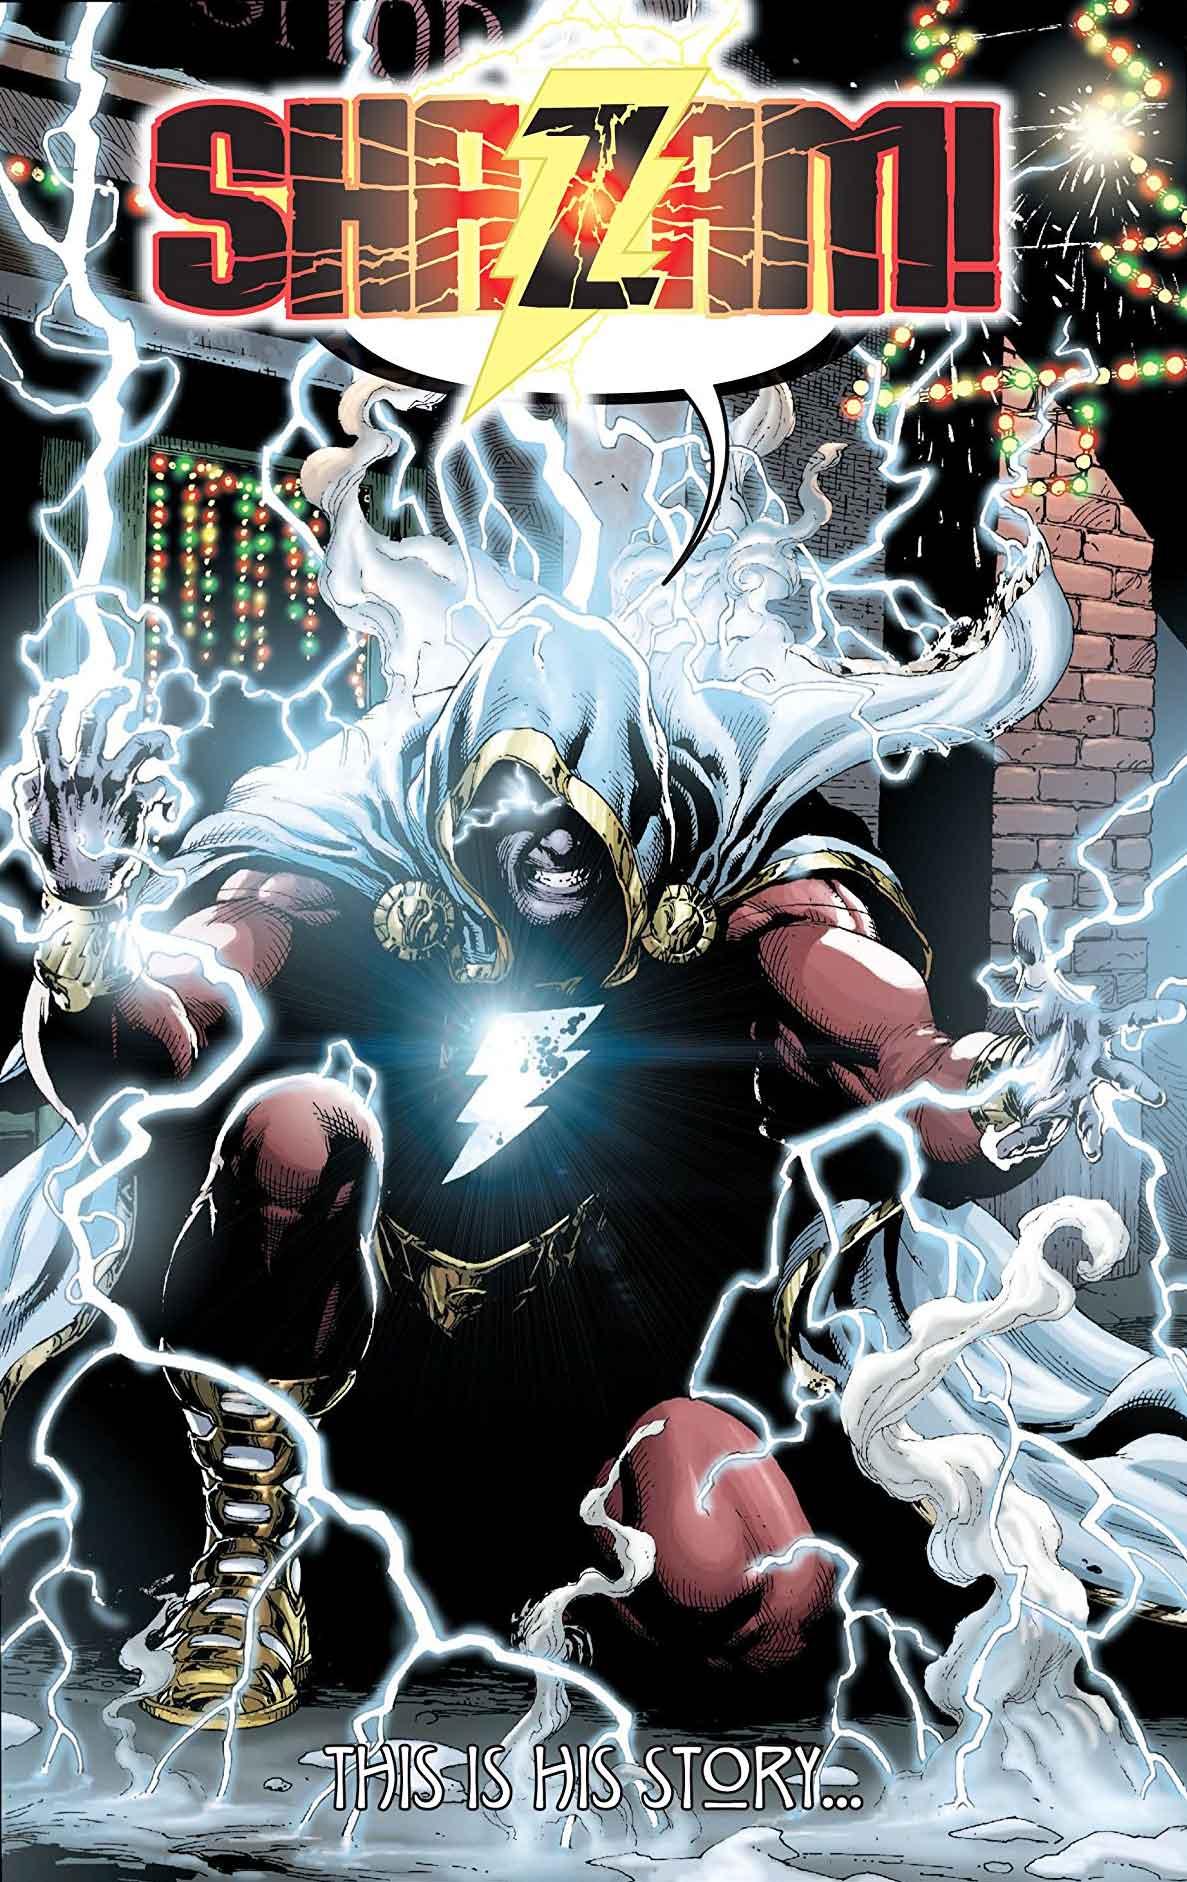 Shazam! en los Nuevos 52, guionizado por Geoff Johns y dibujado por Garry Frank